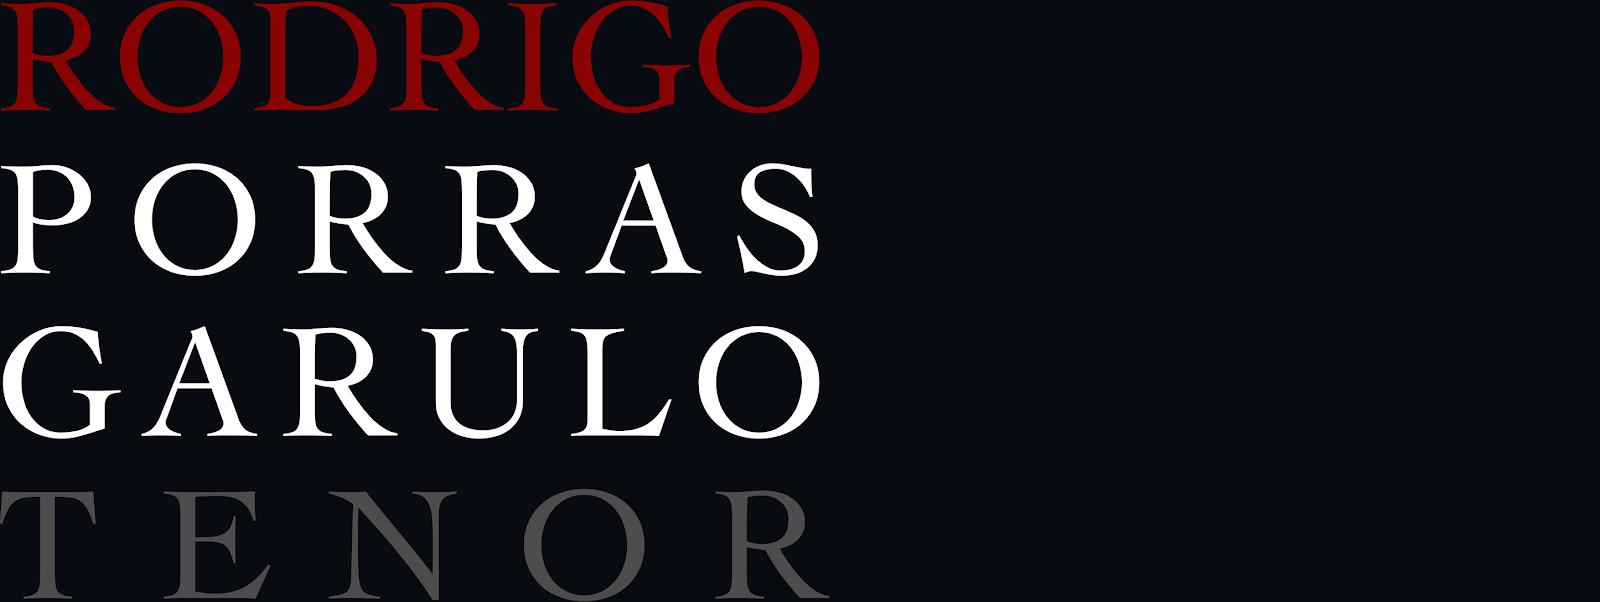 RODRIGO PORRAS GARULO